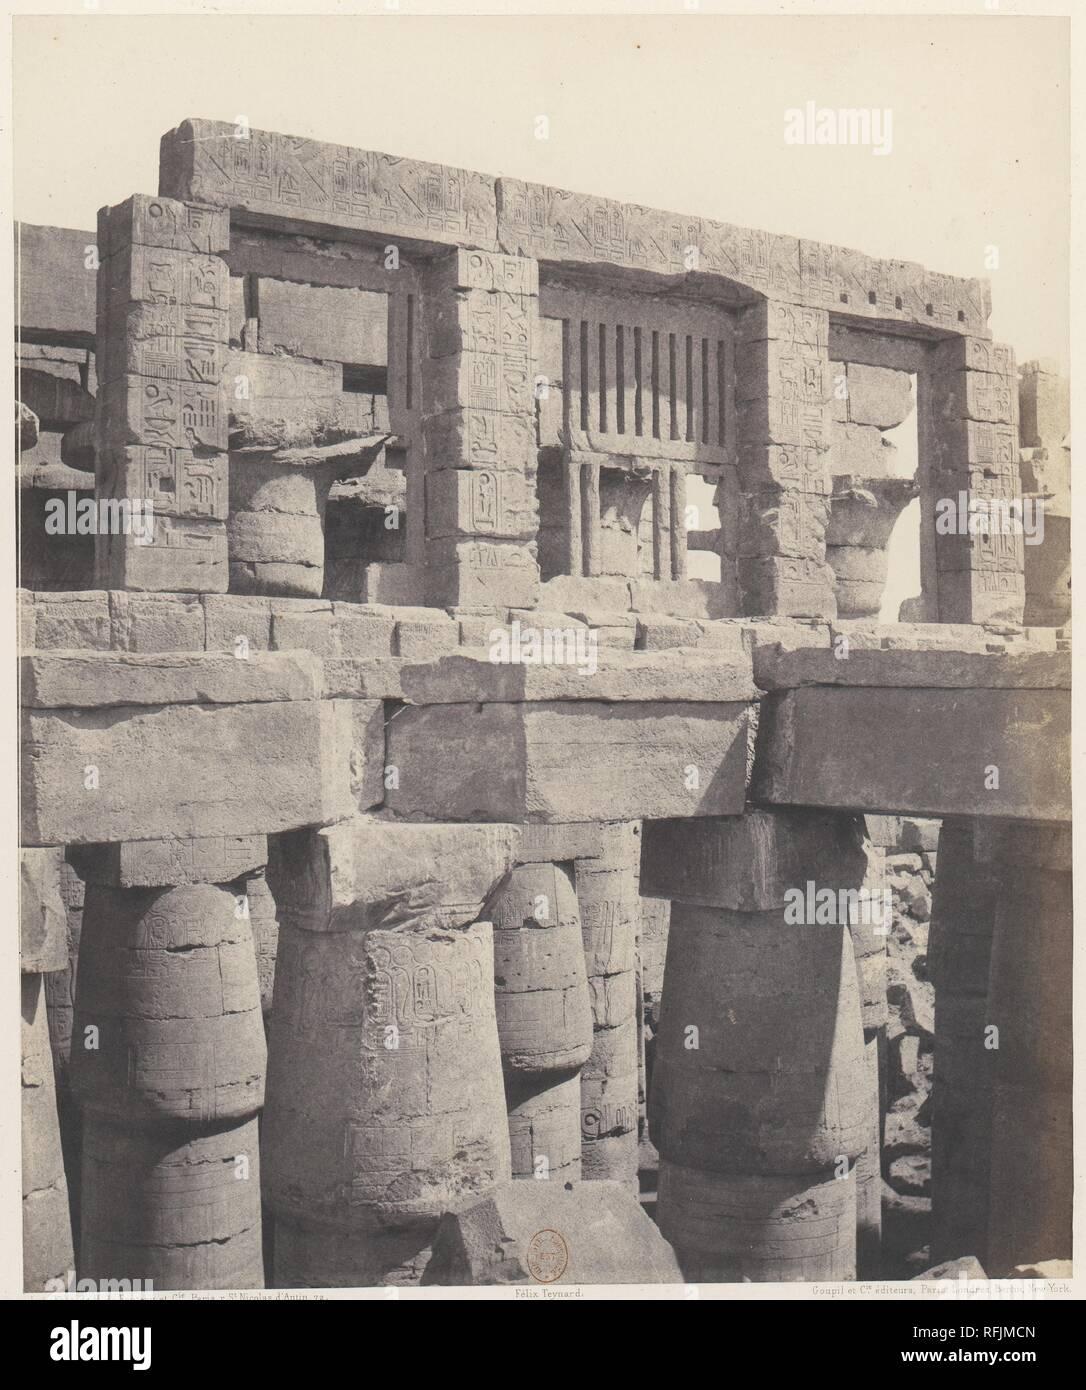 Karnak (Thèbes), Palais - Salle Hypostyle - Fenêtre et Chapiteaux des Galeries Latérales. Artist: Félix Teynard (French, 1817-1892). Dimensions: 30.7 x 25.5 cm. (12  1/16  x 10  1/16  in.). Printer: Imprimerie Photographique de H. de Fonteny et Cie. Date: 1851-52, printed 1853-54. Museum: Metropolitan Museum of Art, New York, USA. - Stock Image